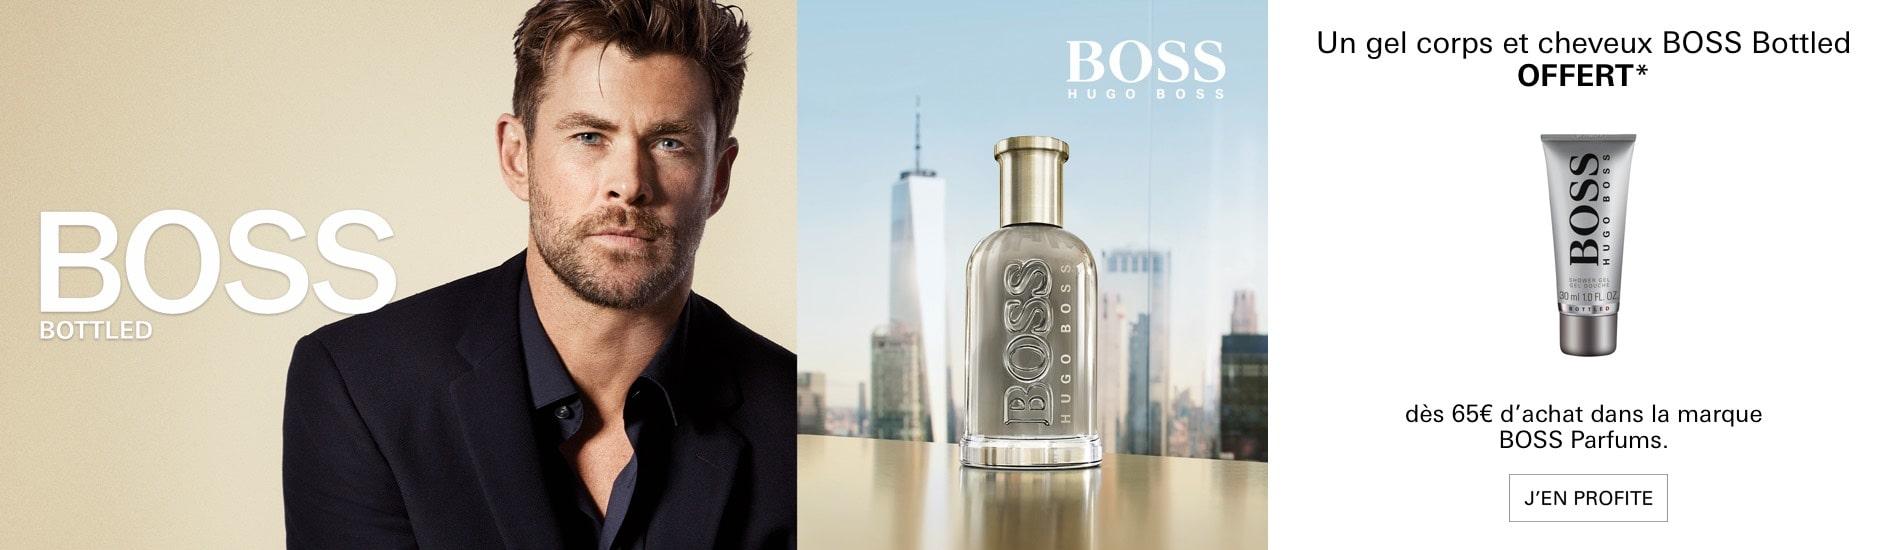 Boss Bottled Infinite Hugo Boss